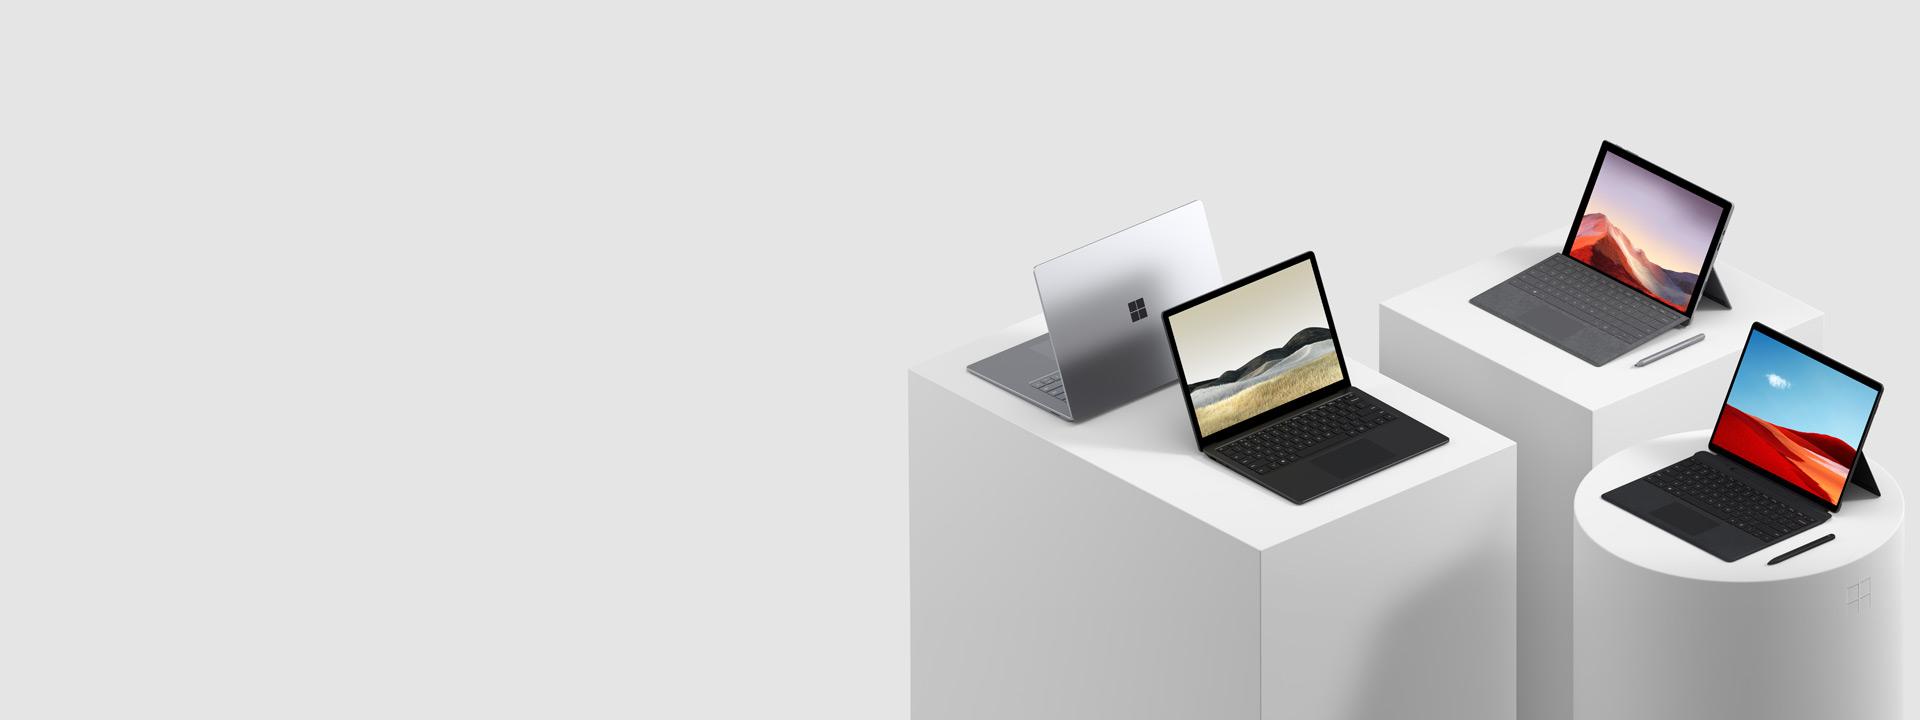 Varios equipos Surface, como Surface Pro 7, Surface Pro X, Surface Book 2, Surface Studio 2 y Surface Go